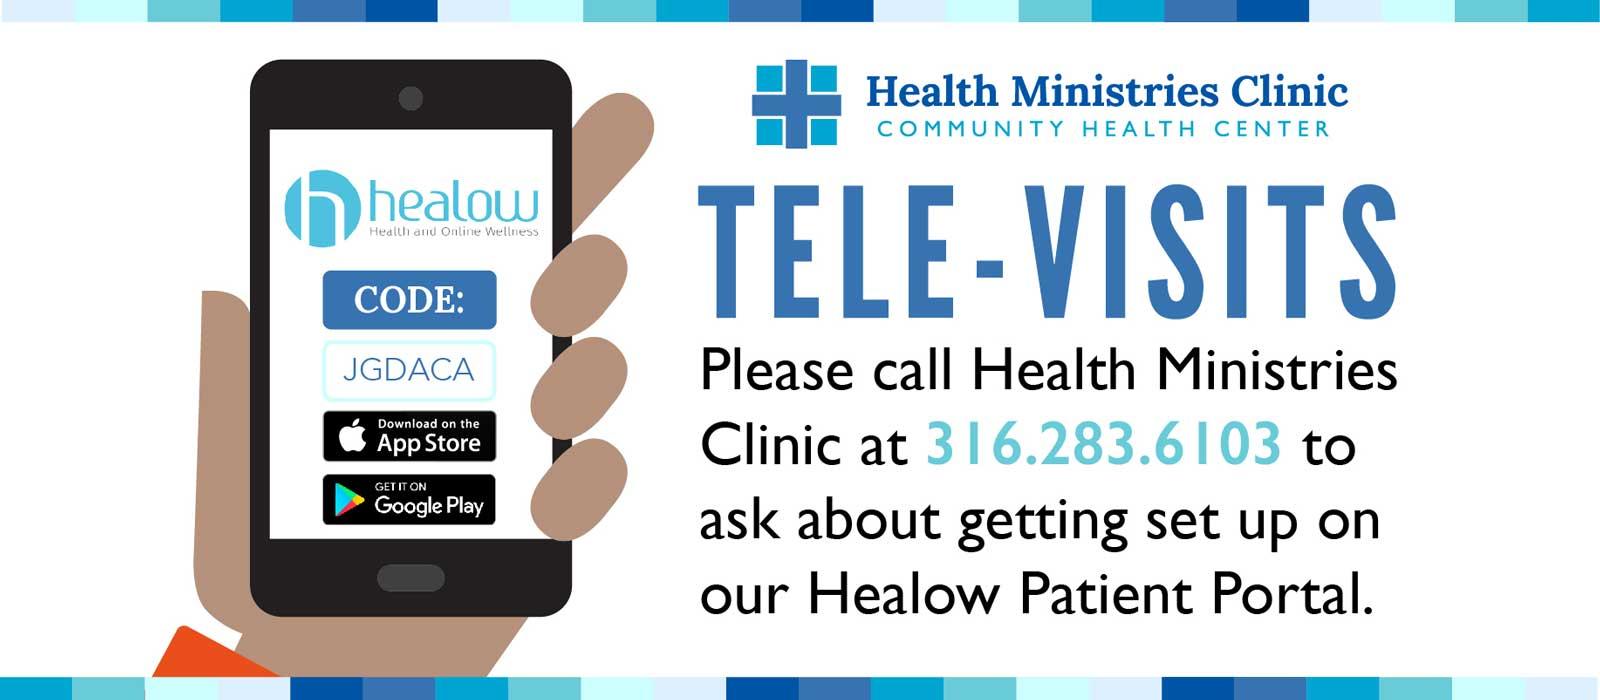 Call HMC to get set up for tele-visits